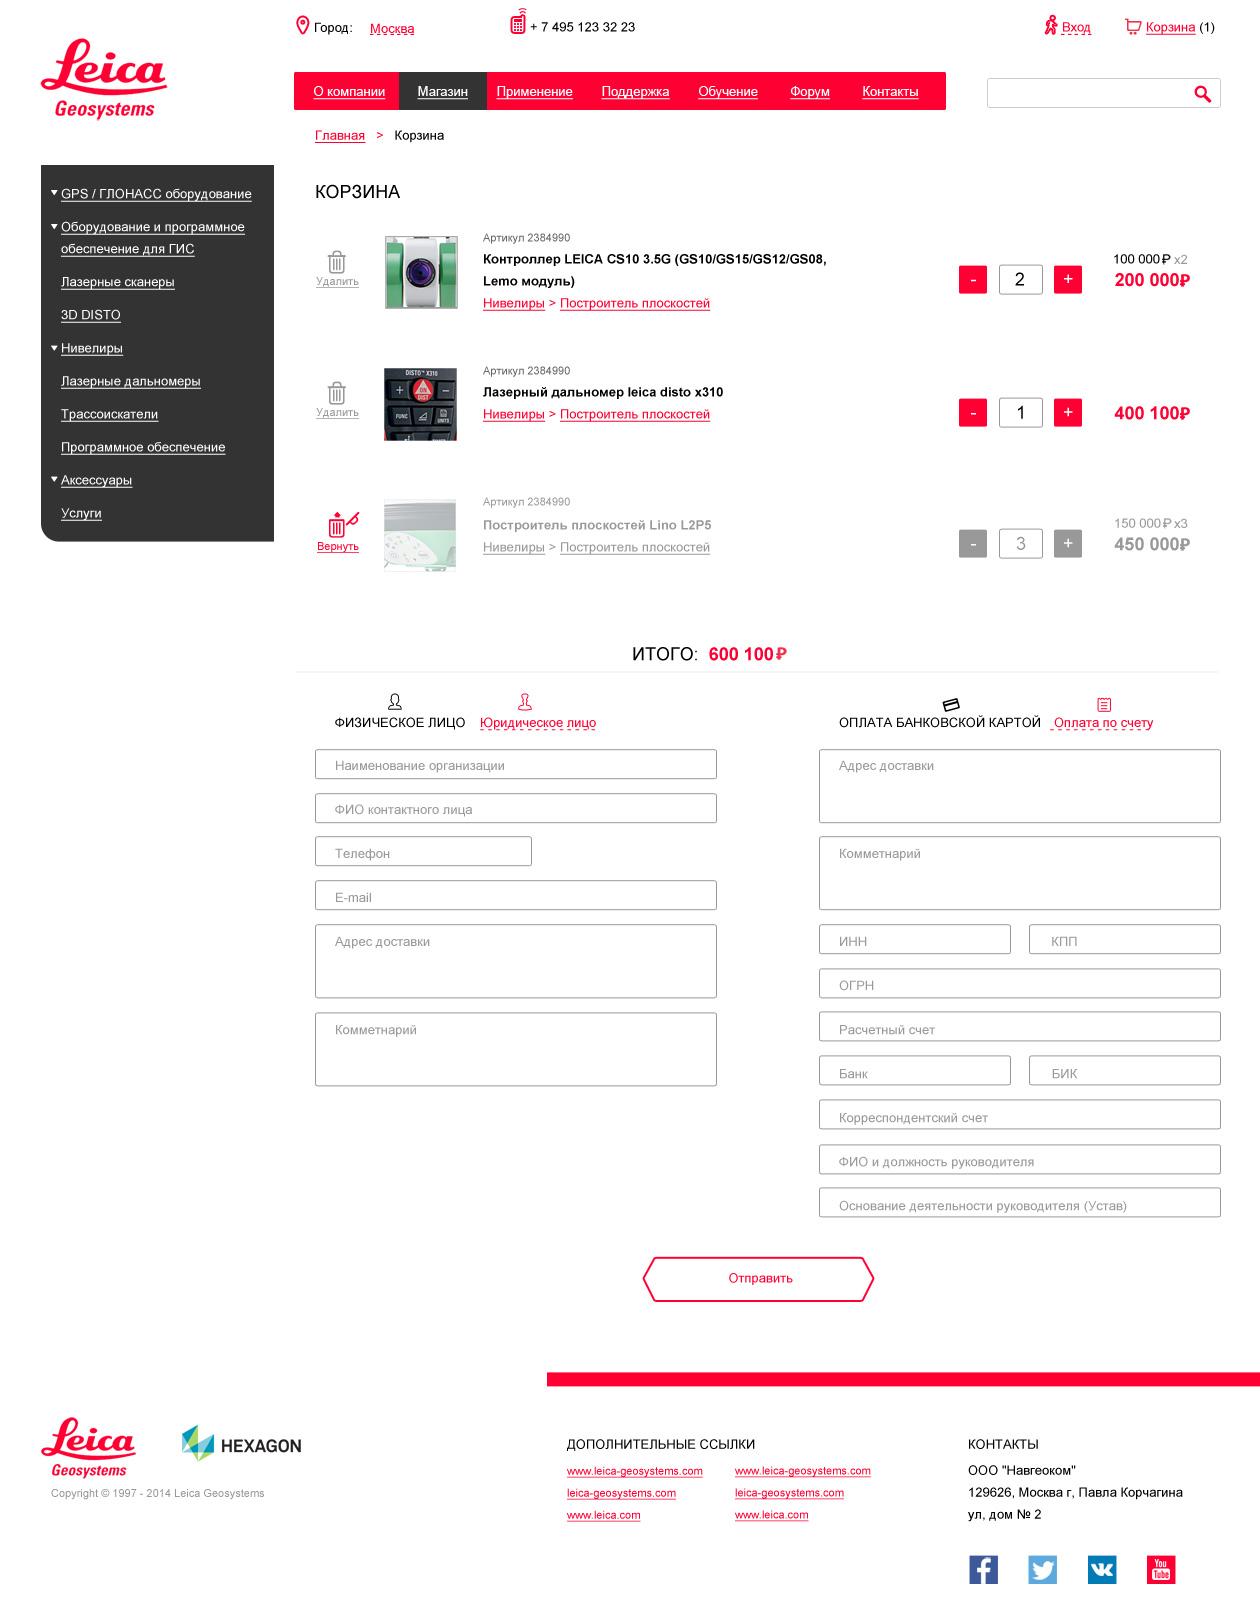 Сайт российского представительства компании Leica